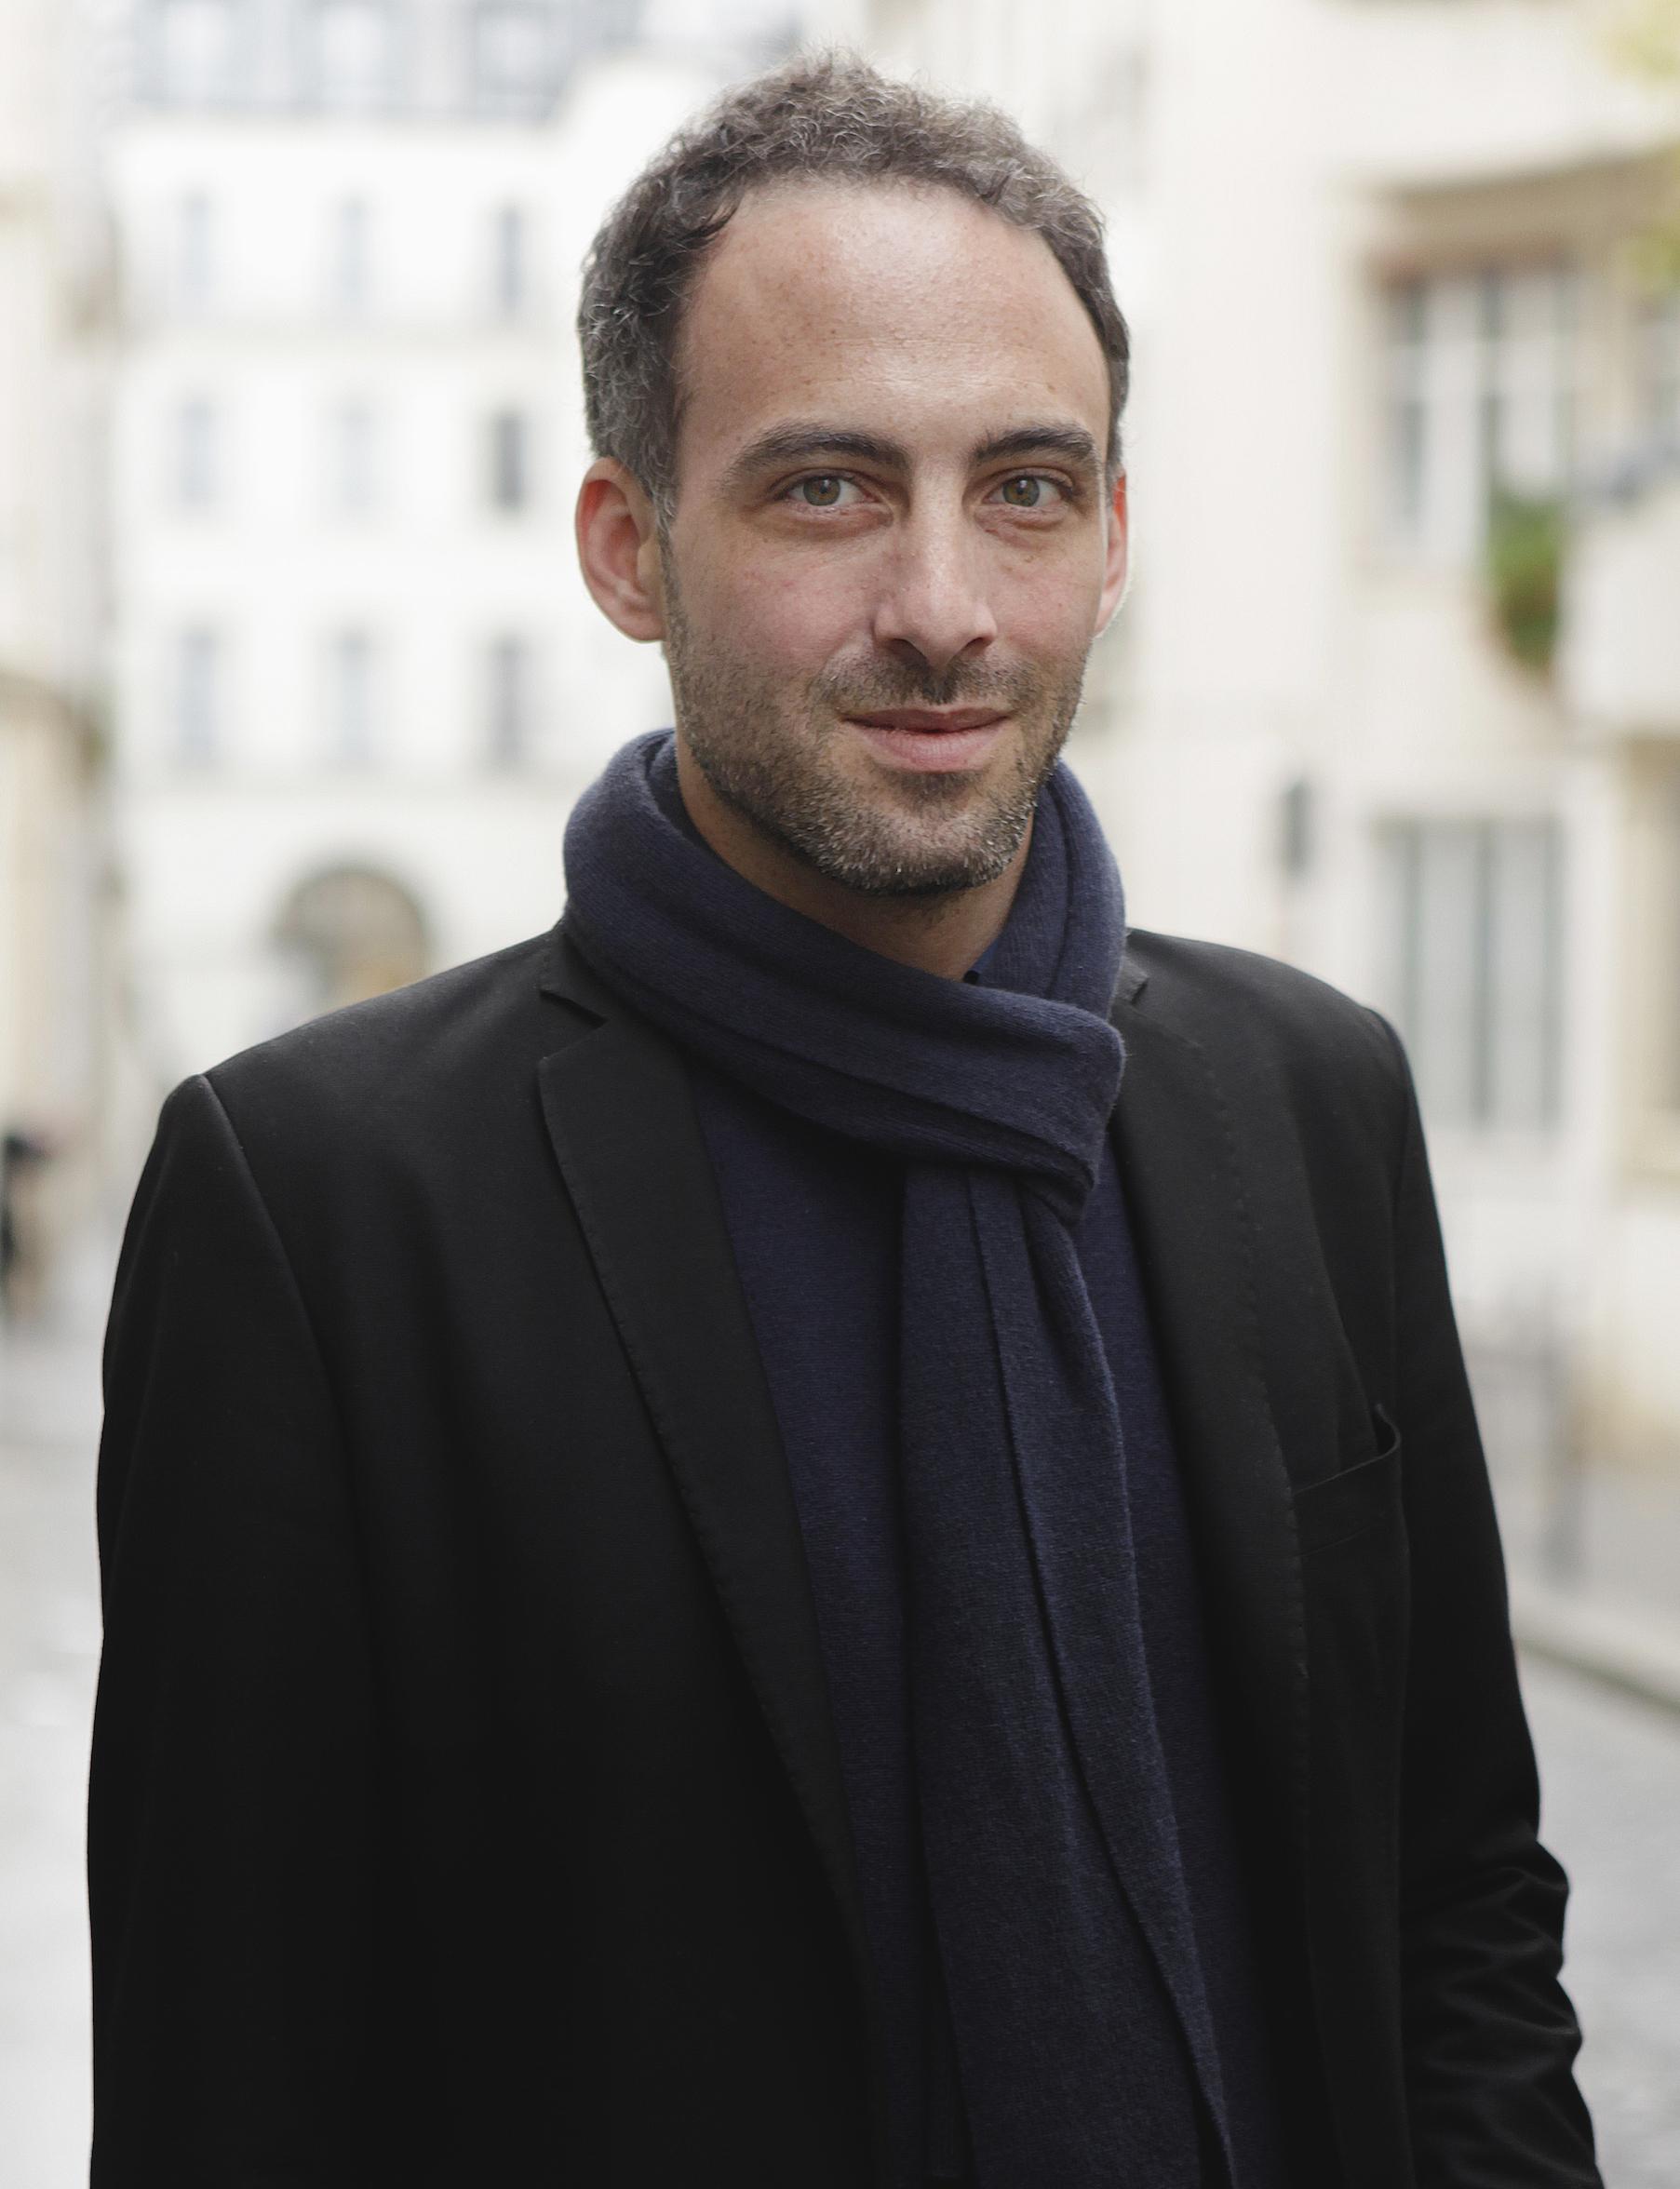 Er Raphaël Glucksmann den franske venstrefløjs nye håb? Foto: Olivier Marty/Allary Editions